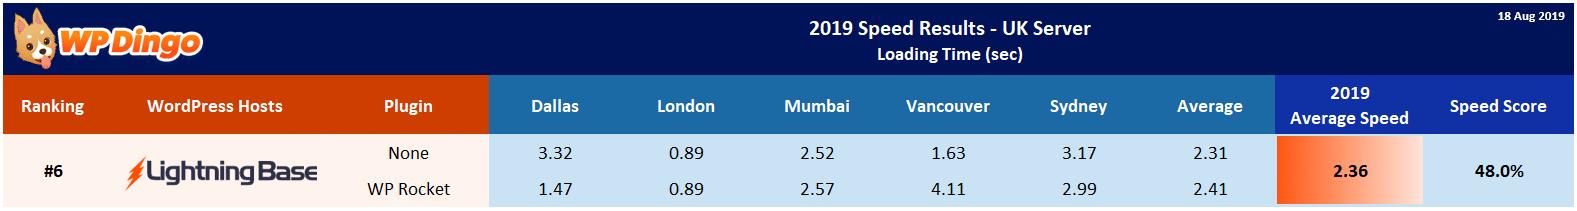 2019 Lightning Base Speed Table - UK Server